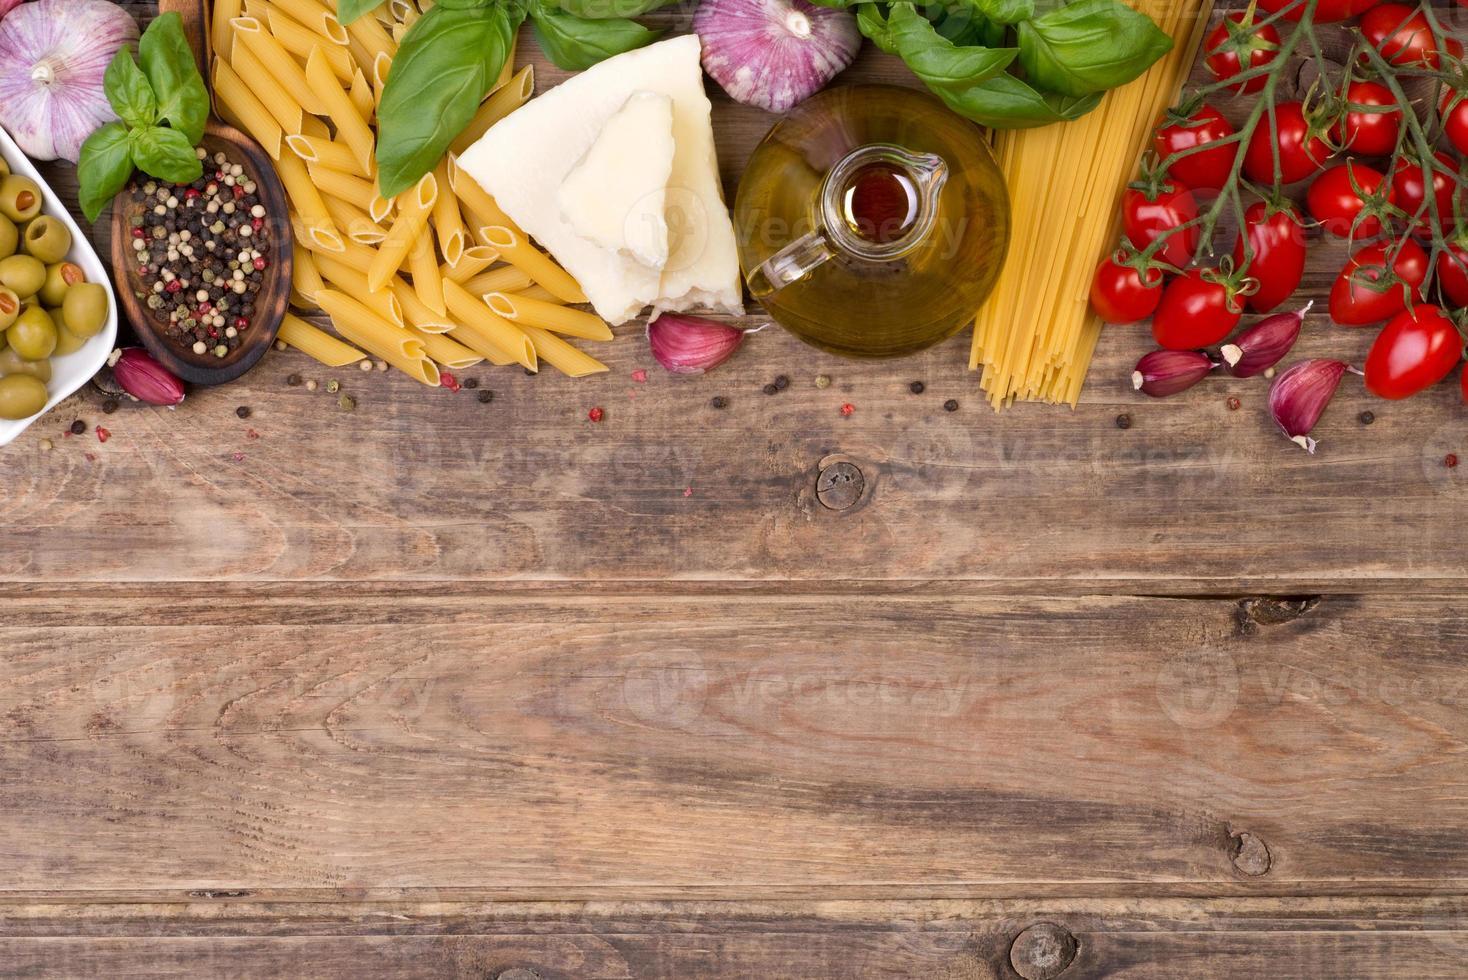 ingrédients de la cuisine italienne photo